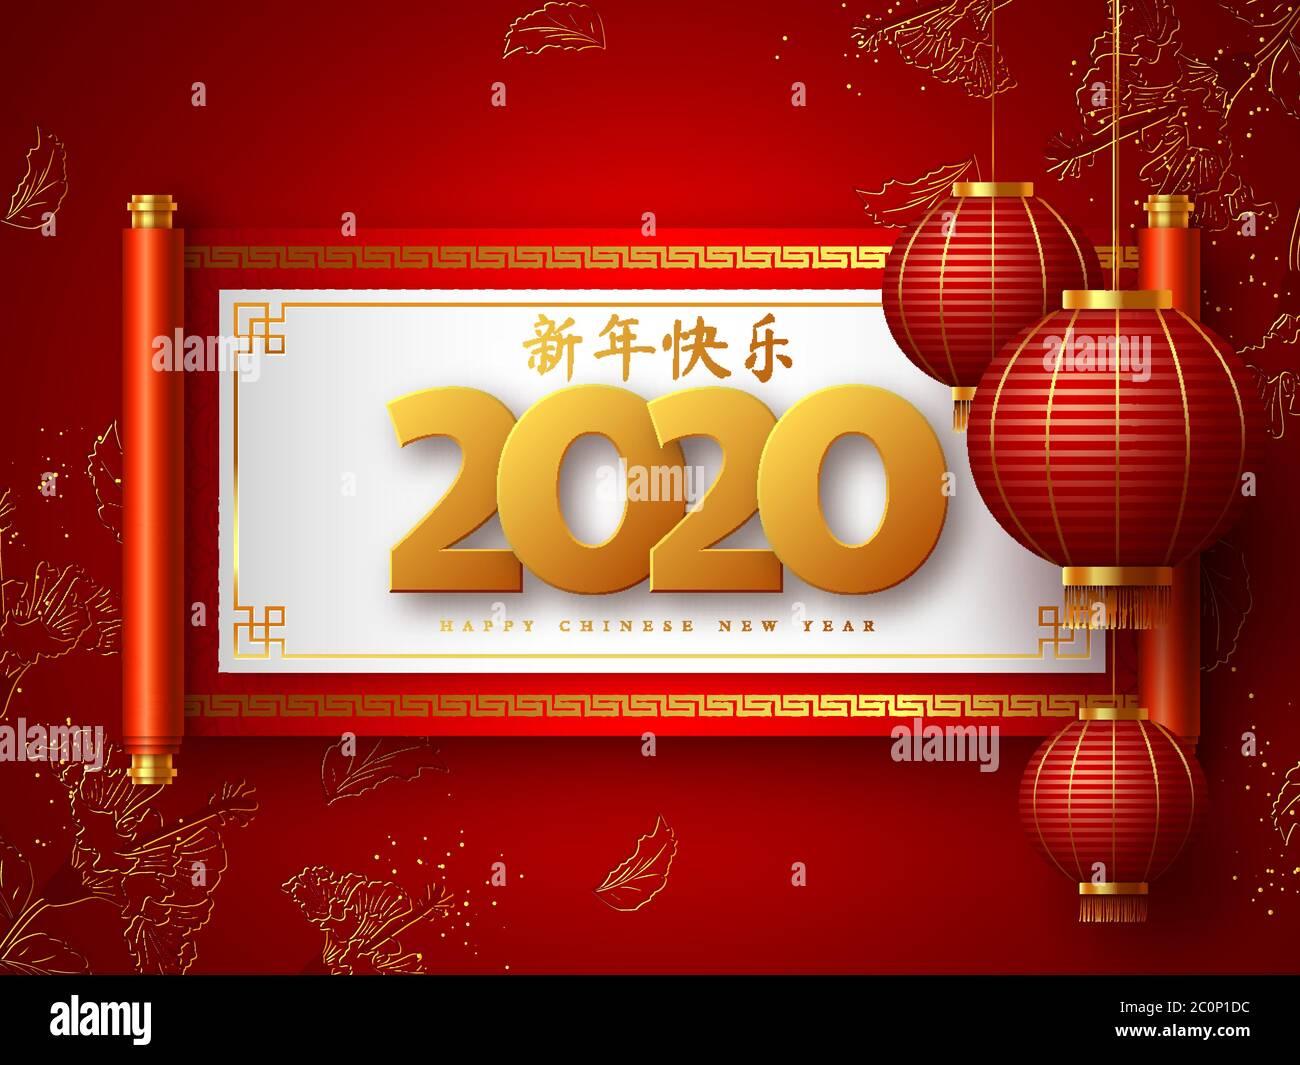 Nouvel an chinois 2020. Illustration de Vecteur